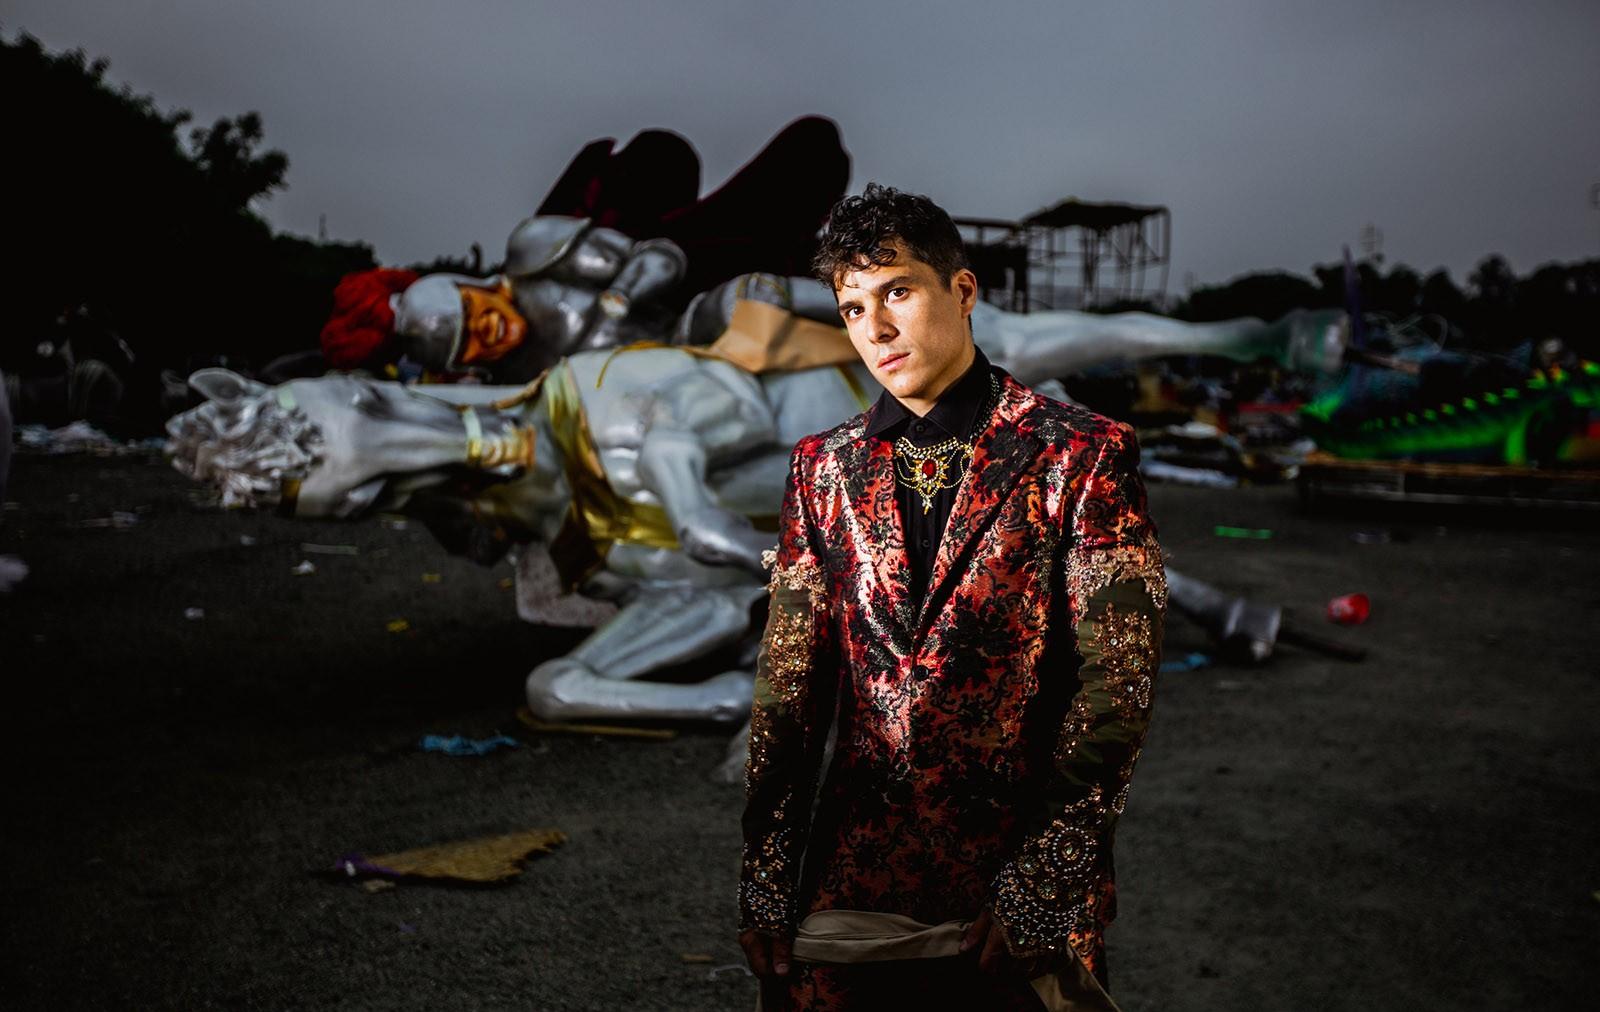 Rodrigo Vellozo tenta abrir alas com o álbum 'O mestre-sala da minha saudade'